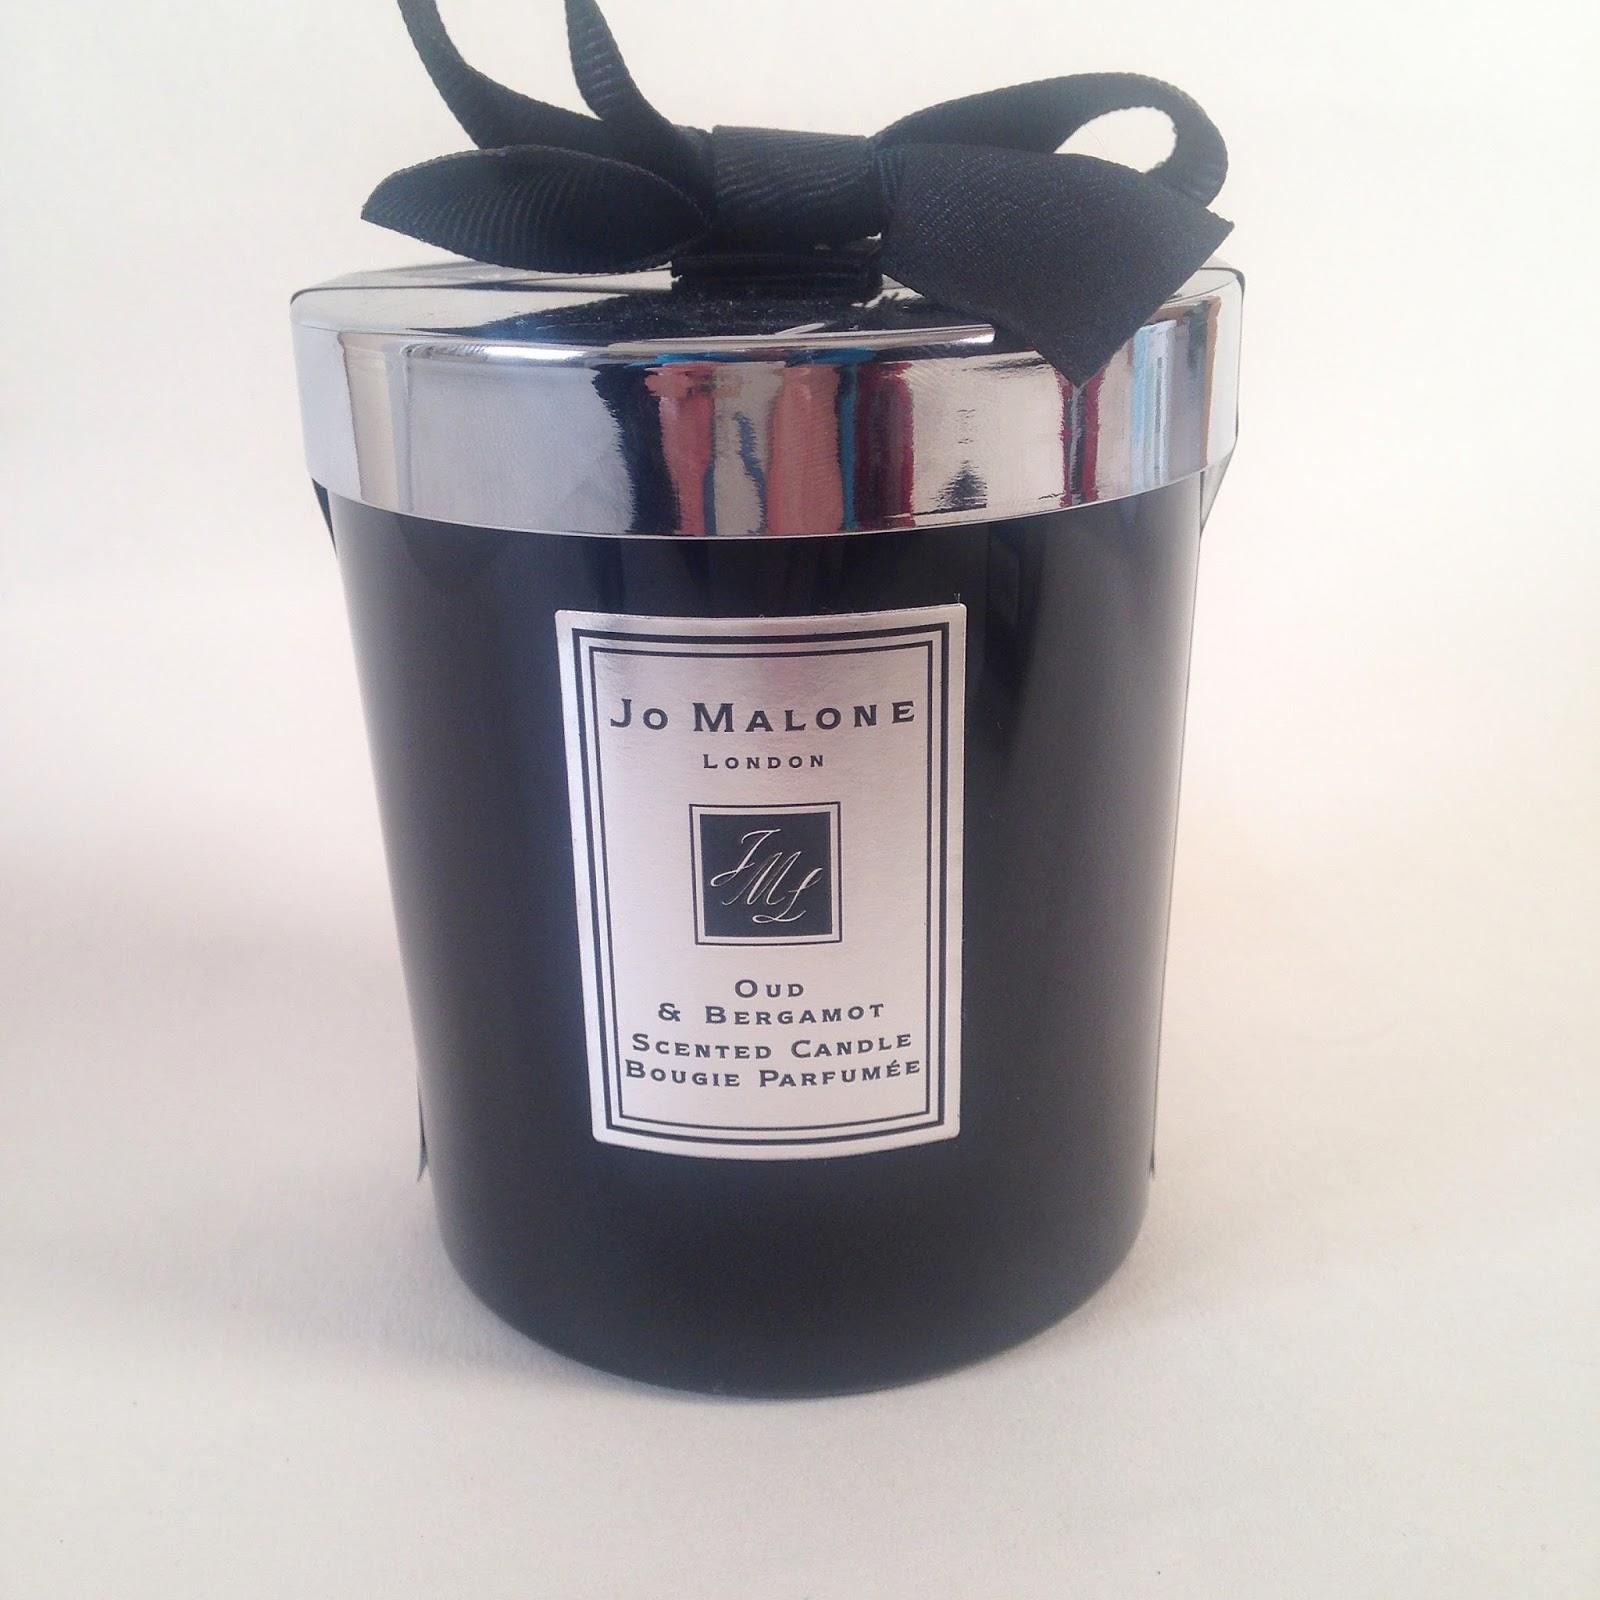 Jo Malone Oud & Bergamot Candle